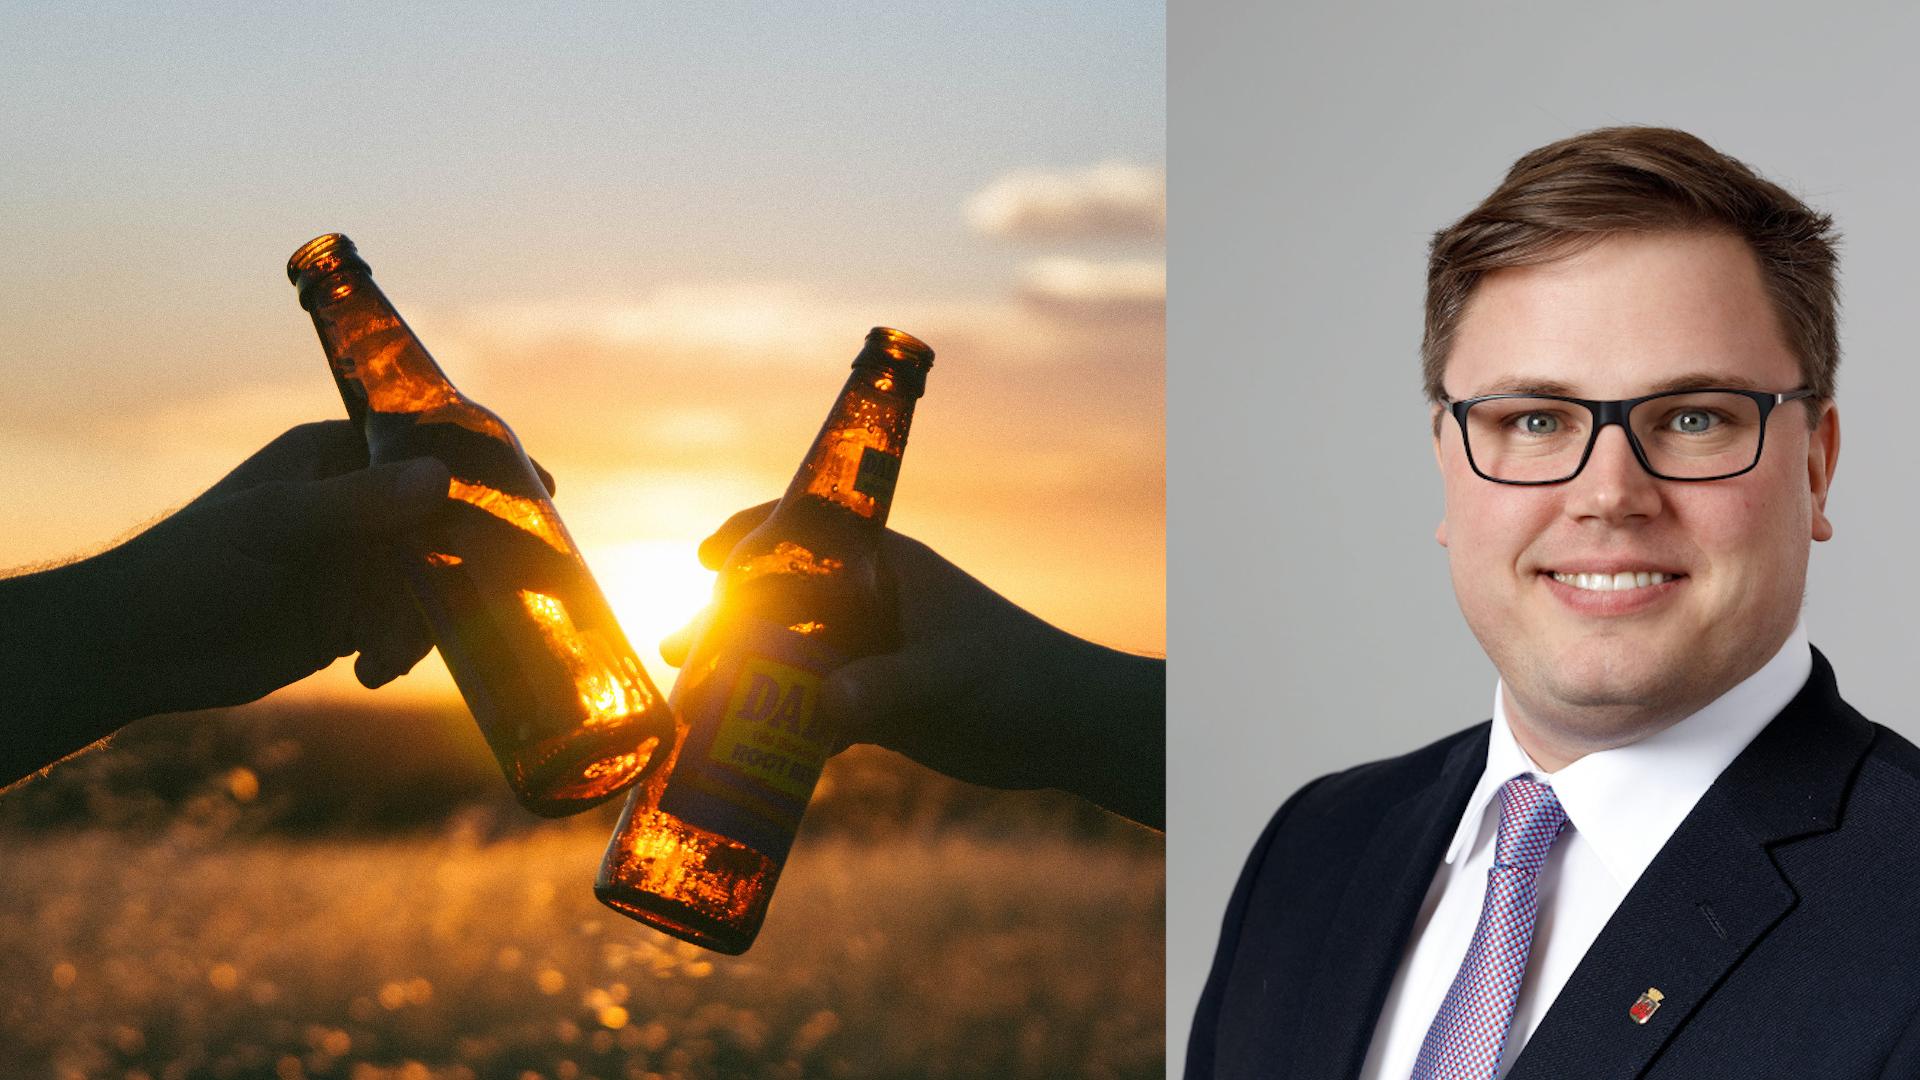 KRÖNIKA: Sydsvenskan och oppositionen faller handlöst för toppmoderatens PR-kupp